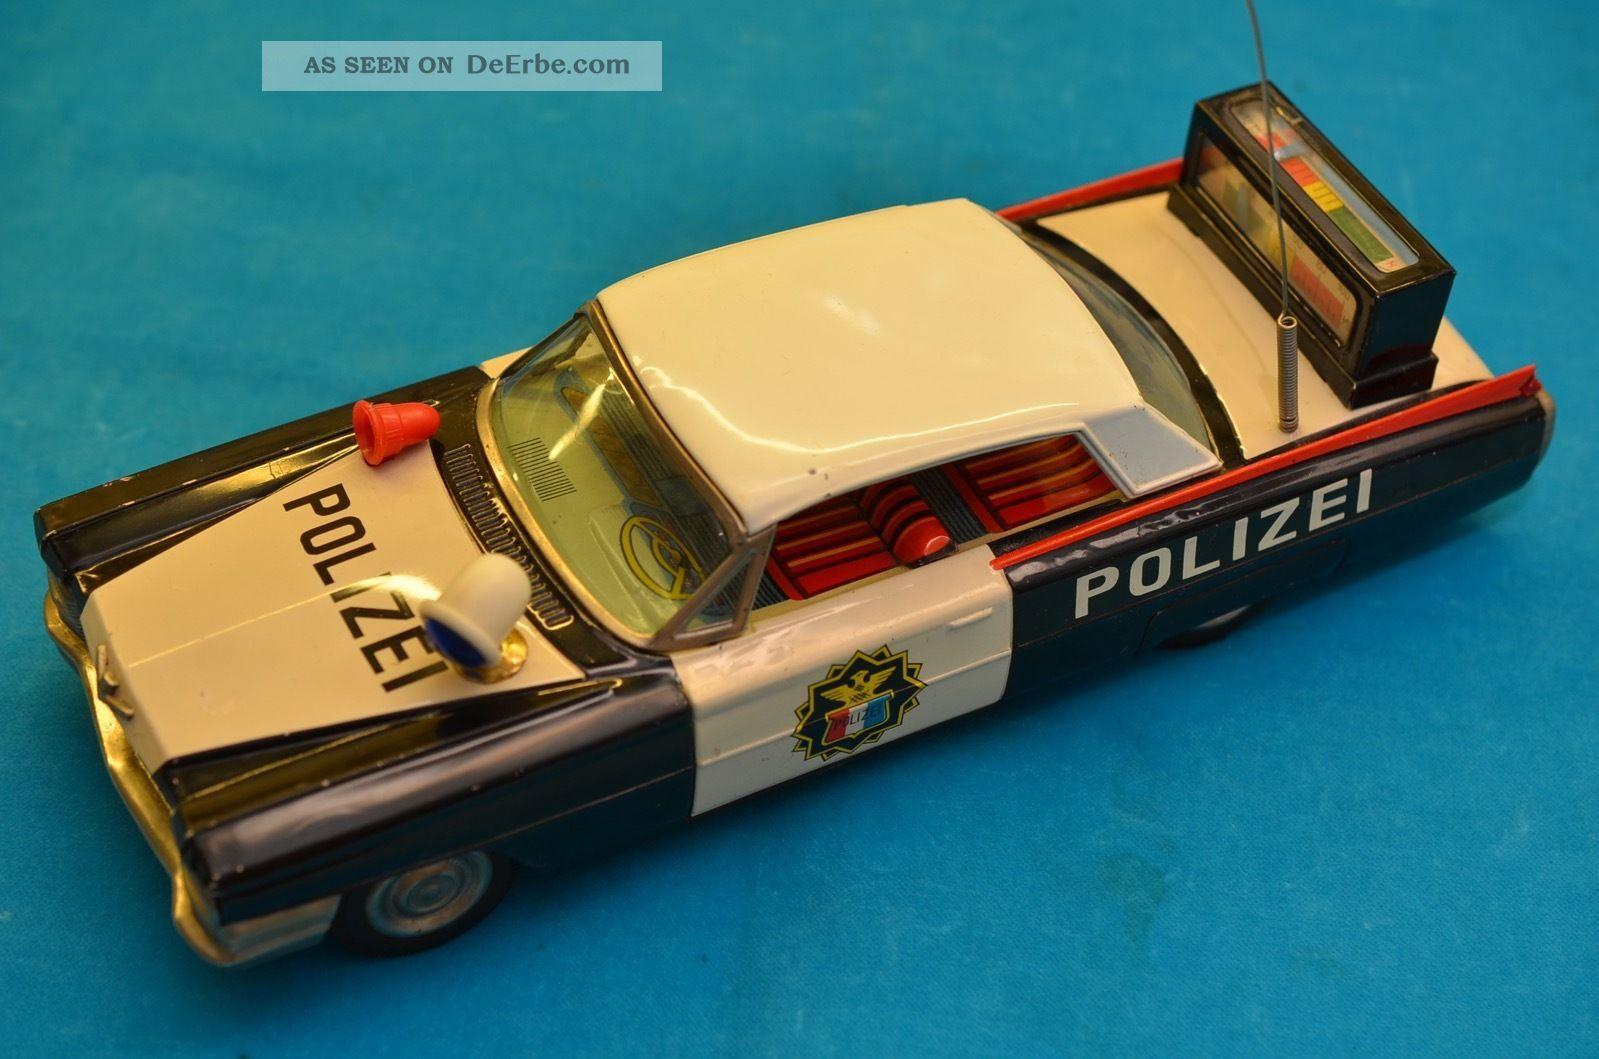 Sammlerstück Ichiko Cadillac Blechauto Schwungradantrieb Japan 60er Jahre Original, gefertigt 1945-1970 Bild